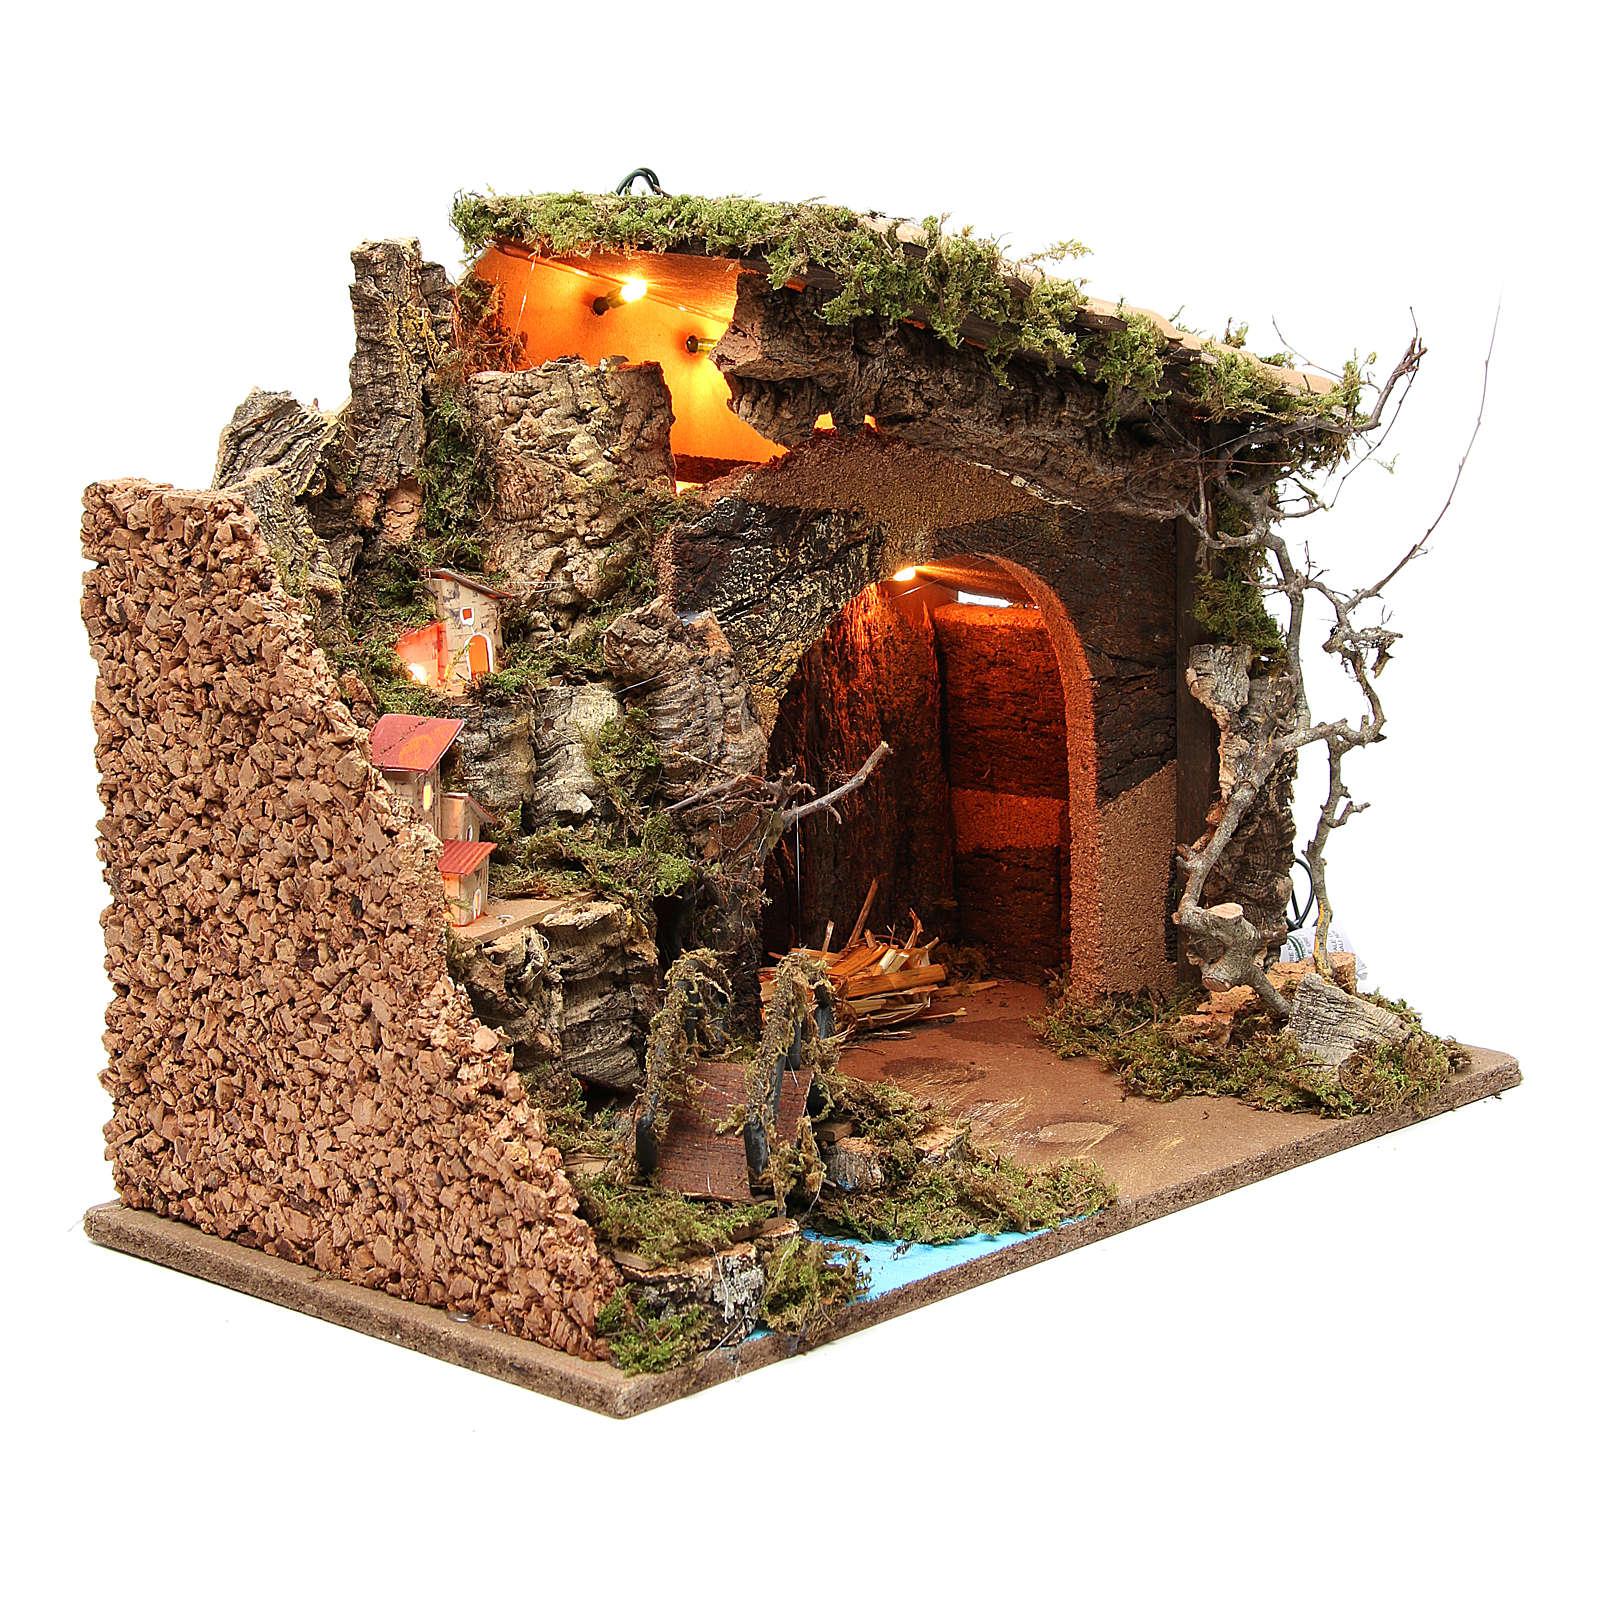 Cabaña iluminada belén con aldea 36x50x26 cm 4